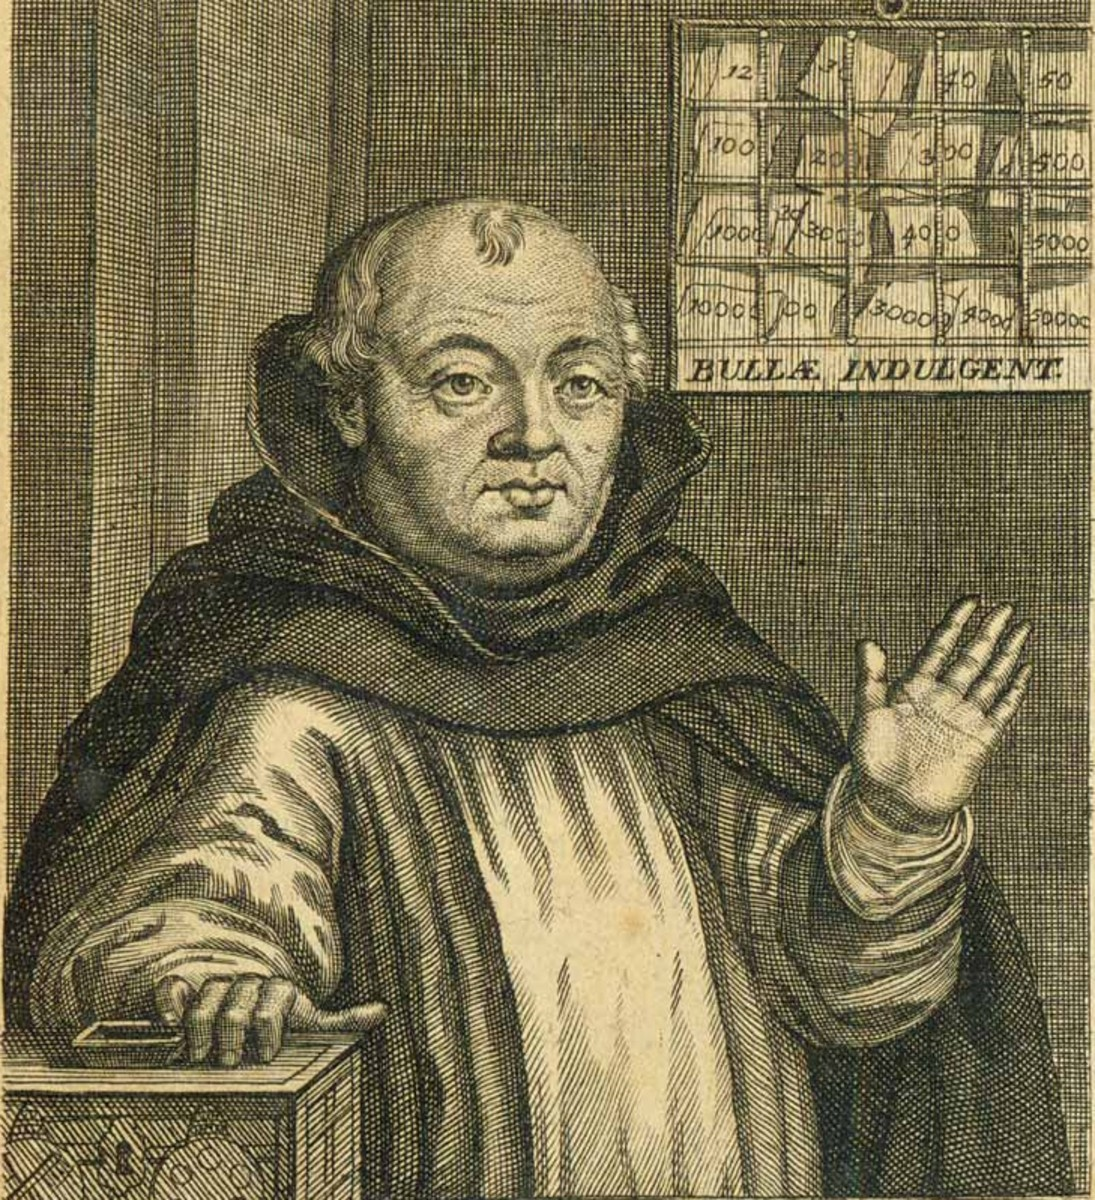 John (Johann) Tetzel was a Roman Catholic preacher